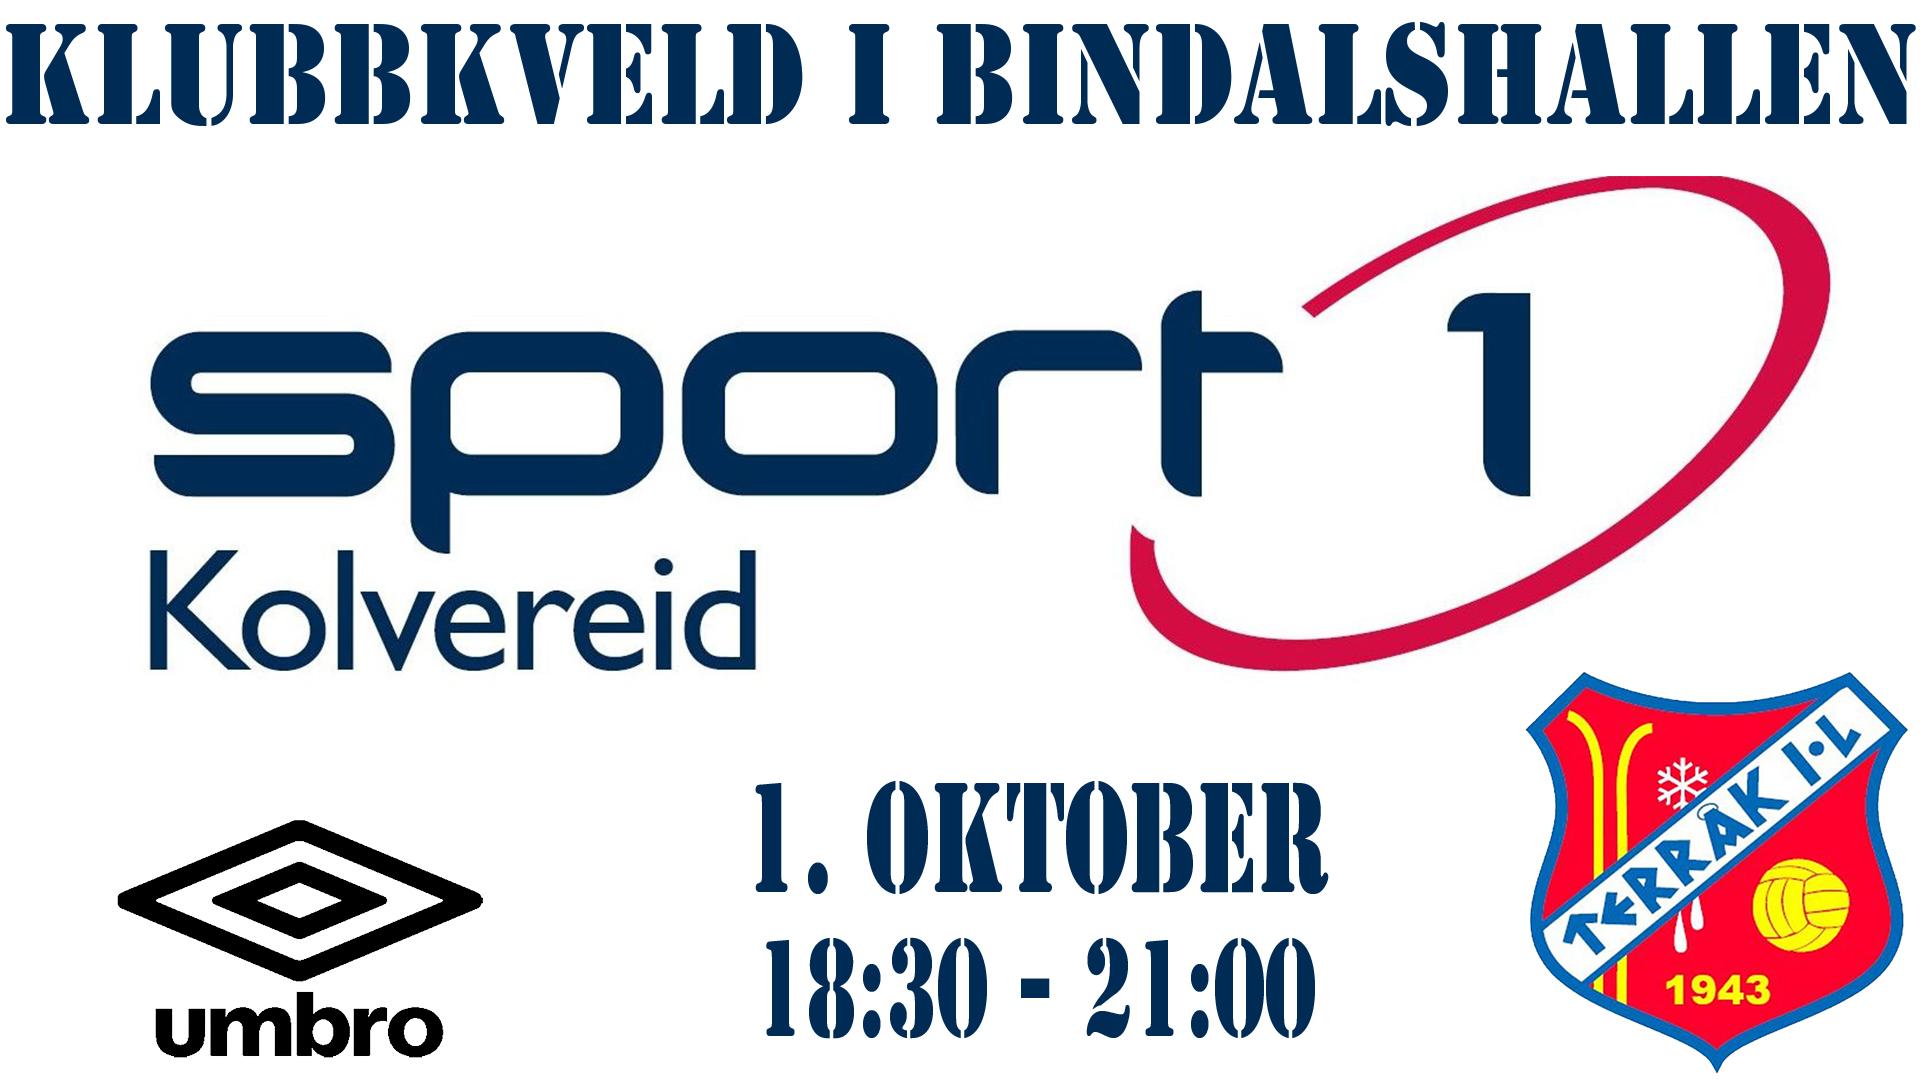 Klubbkveld på Skihuset 1. Oktober